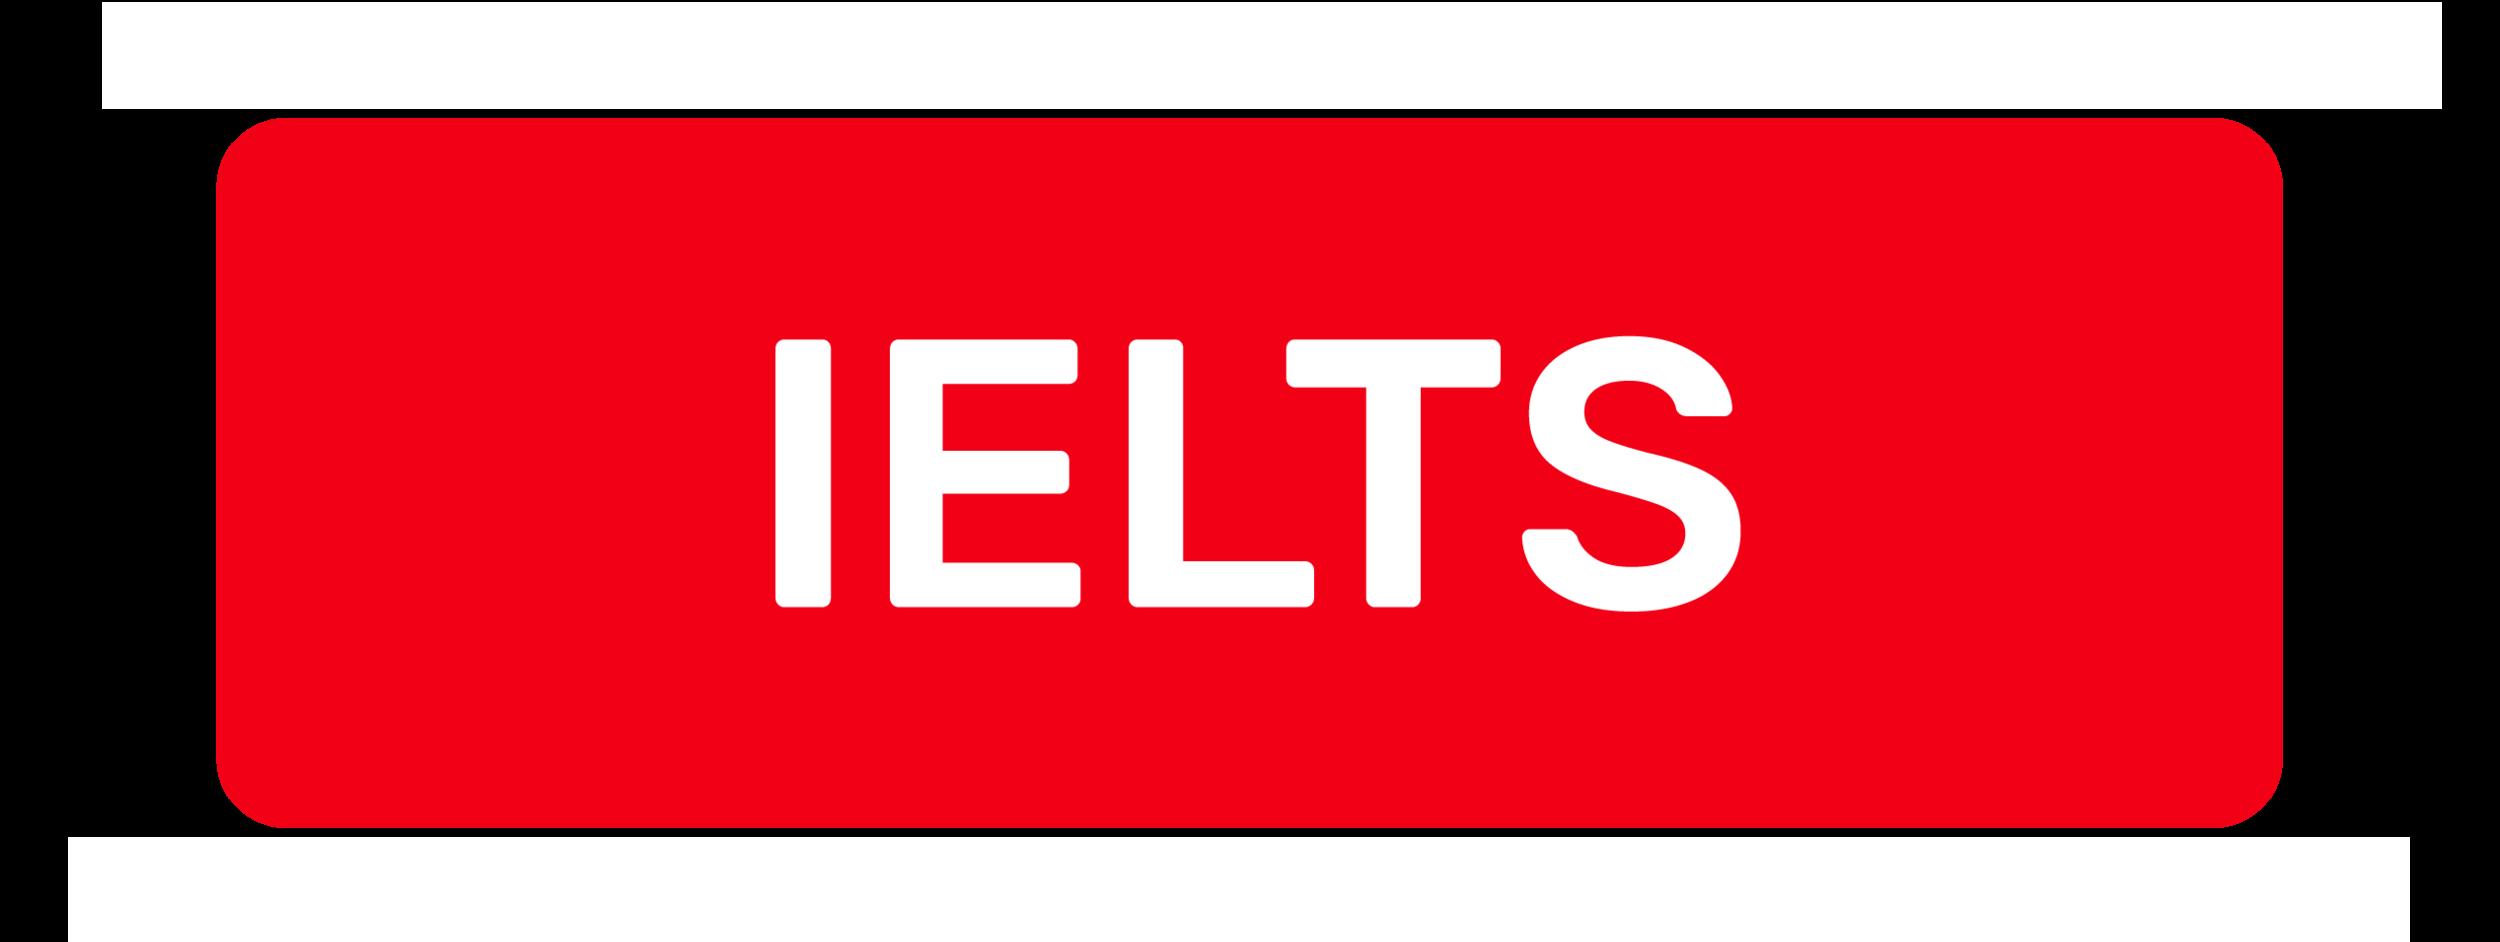 IELTS 2-01.png